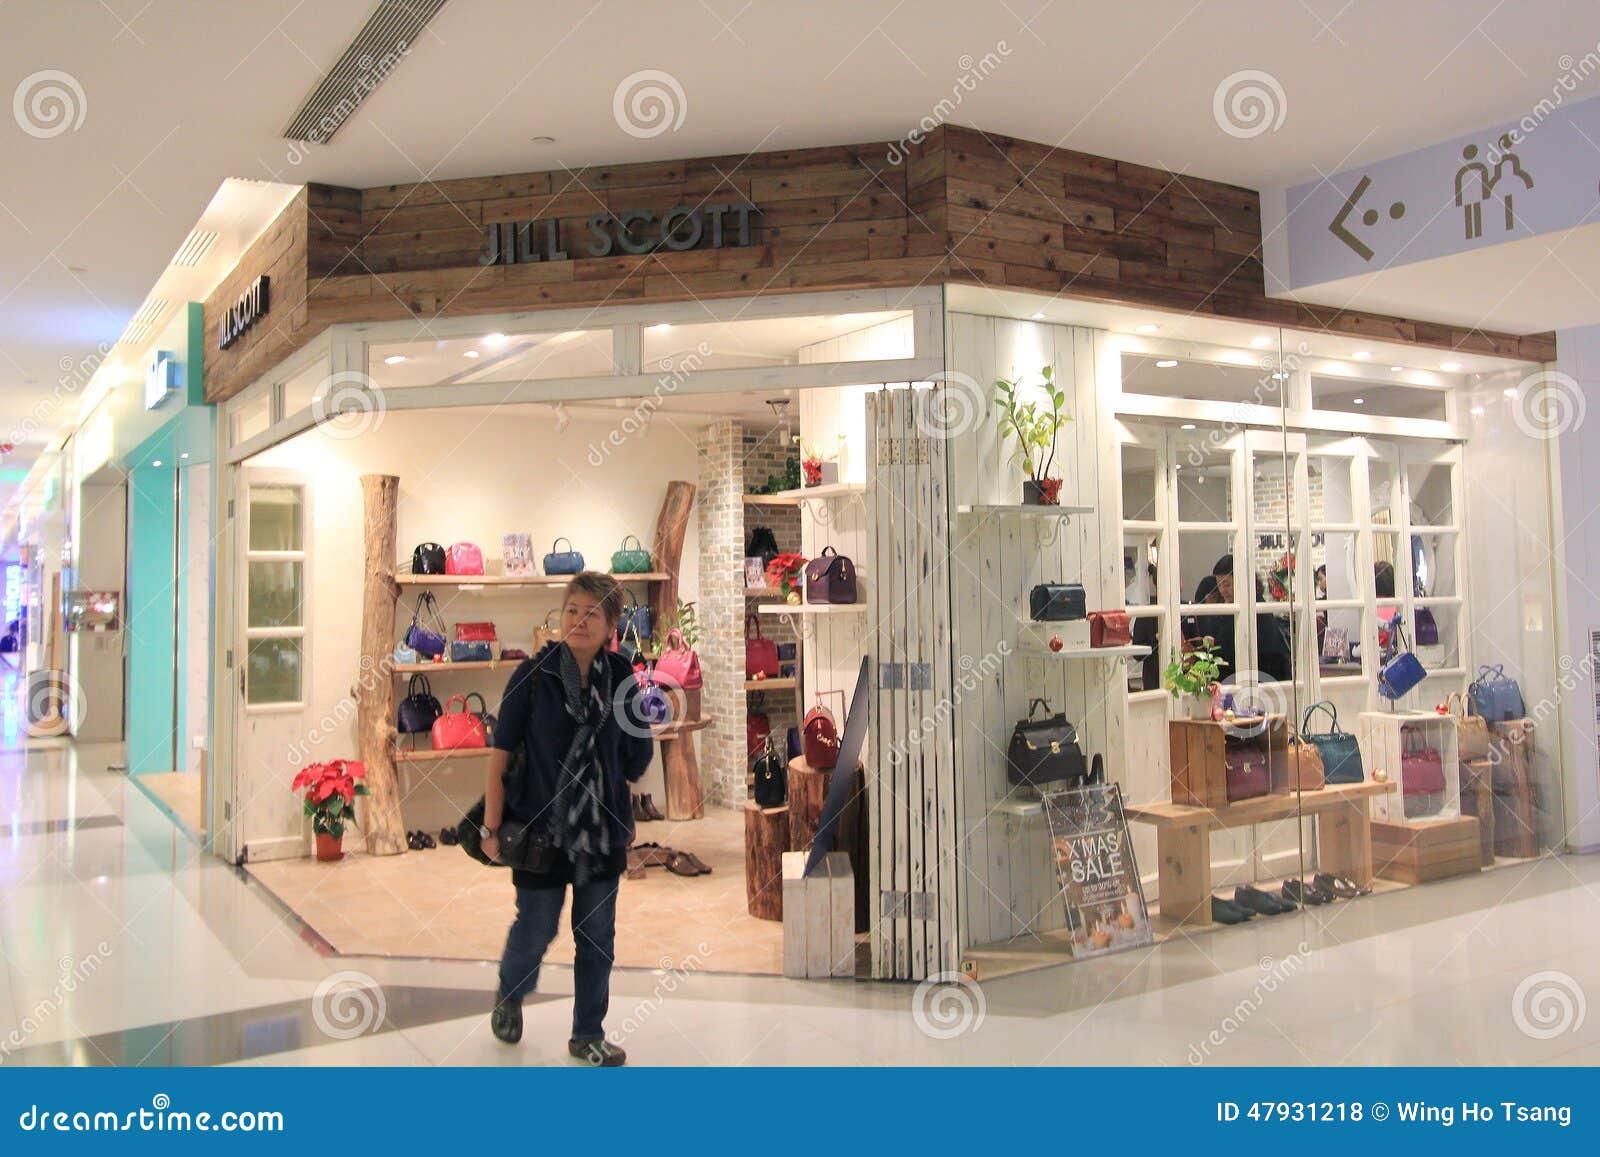 Jill斯科特商店在香港